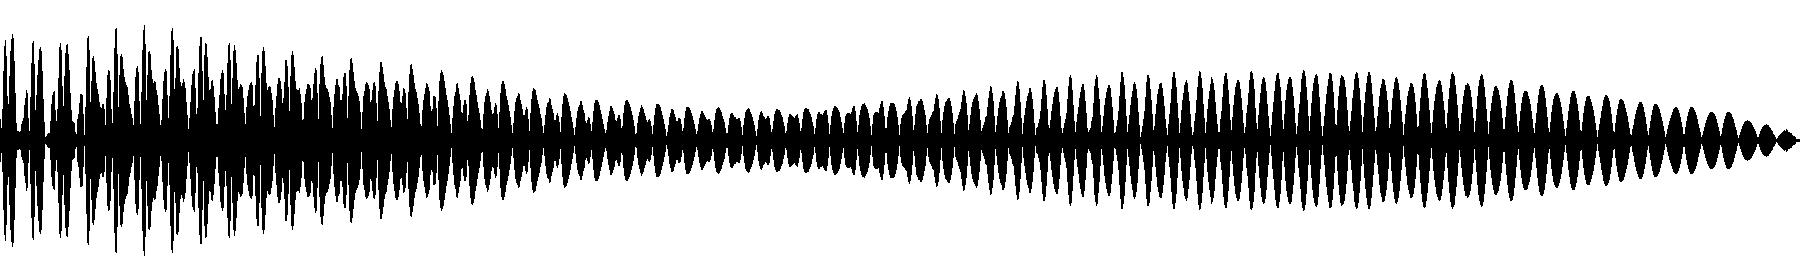 gia sound 23 bb3